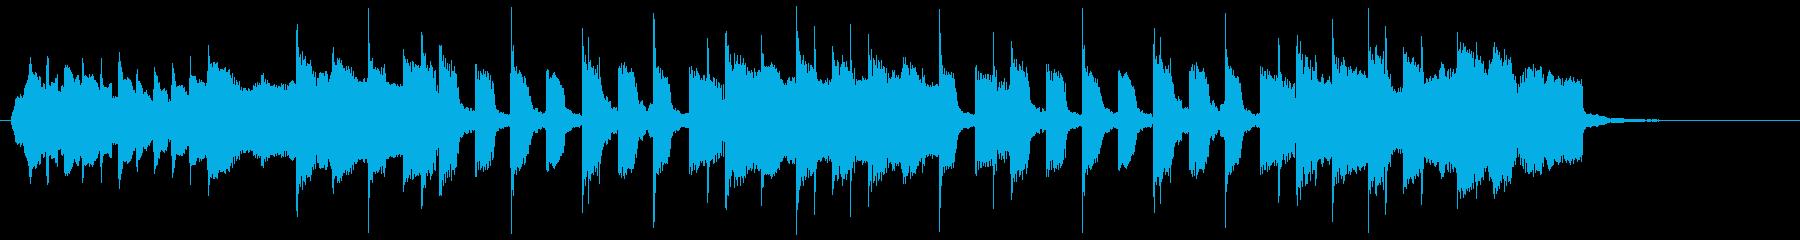 静かで暖かいエレクトロニックサウンドの再生済みの波形